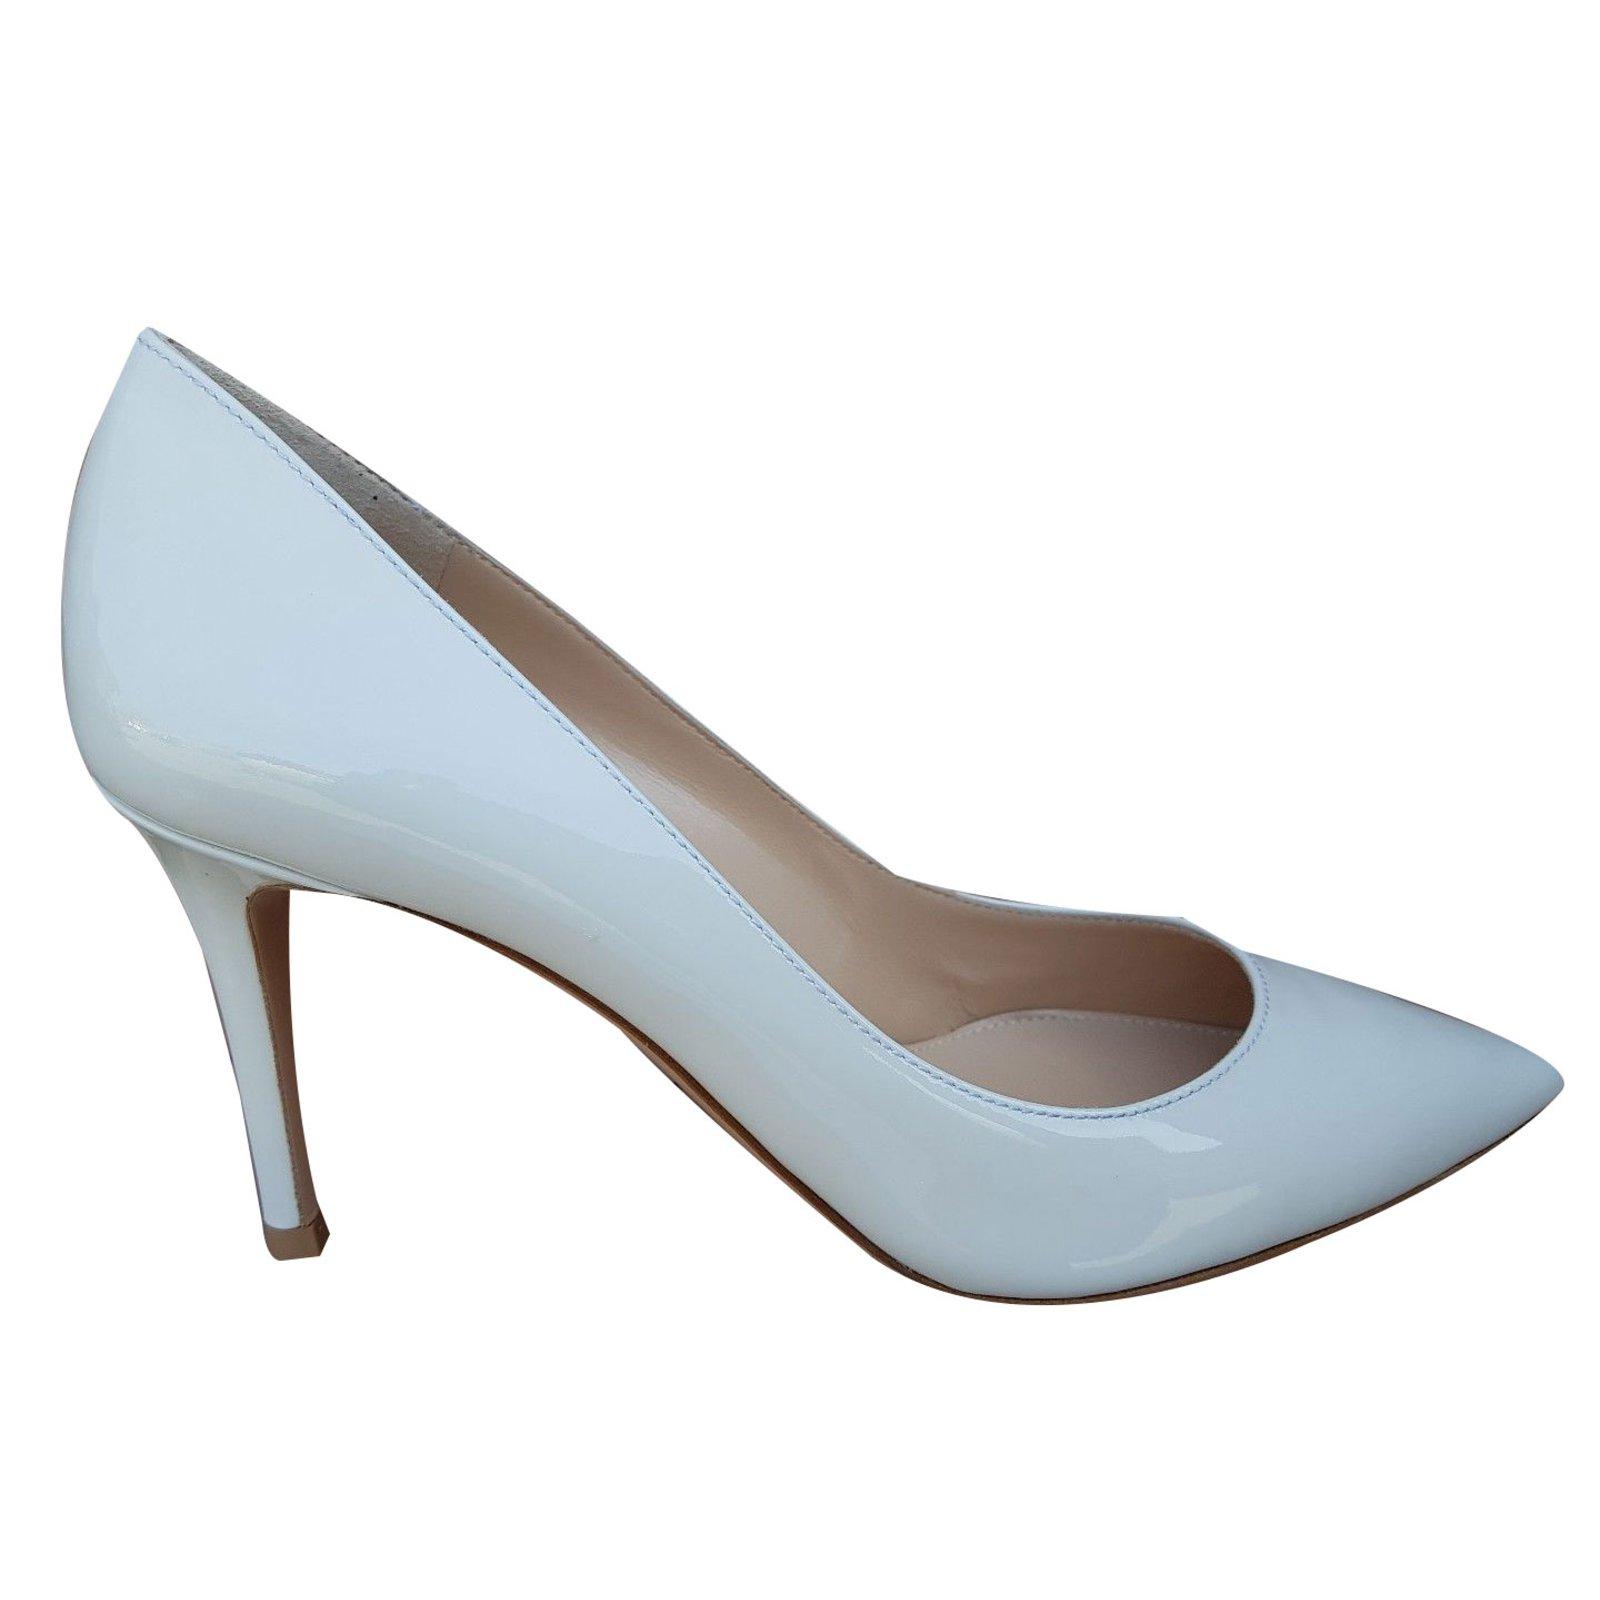 ce351a9c926 Rossi Rossi Rossi heels 5 8 rossi cm Patent Heels Gianvito Gianvito  Gianvito 37 gianvito size ...